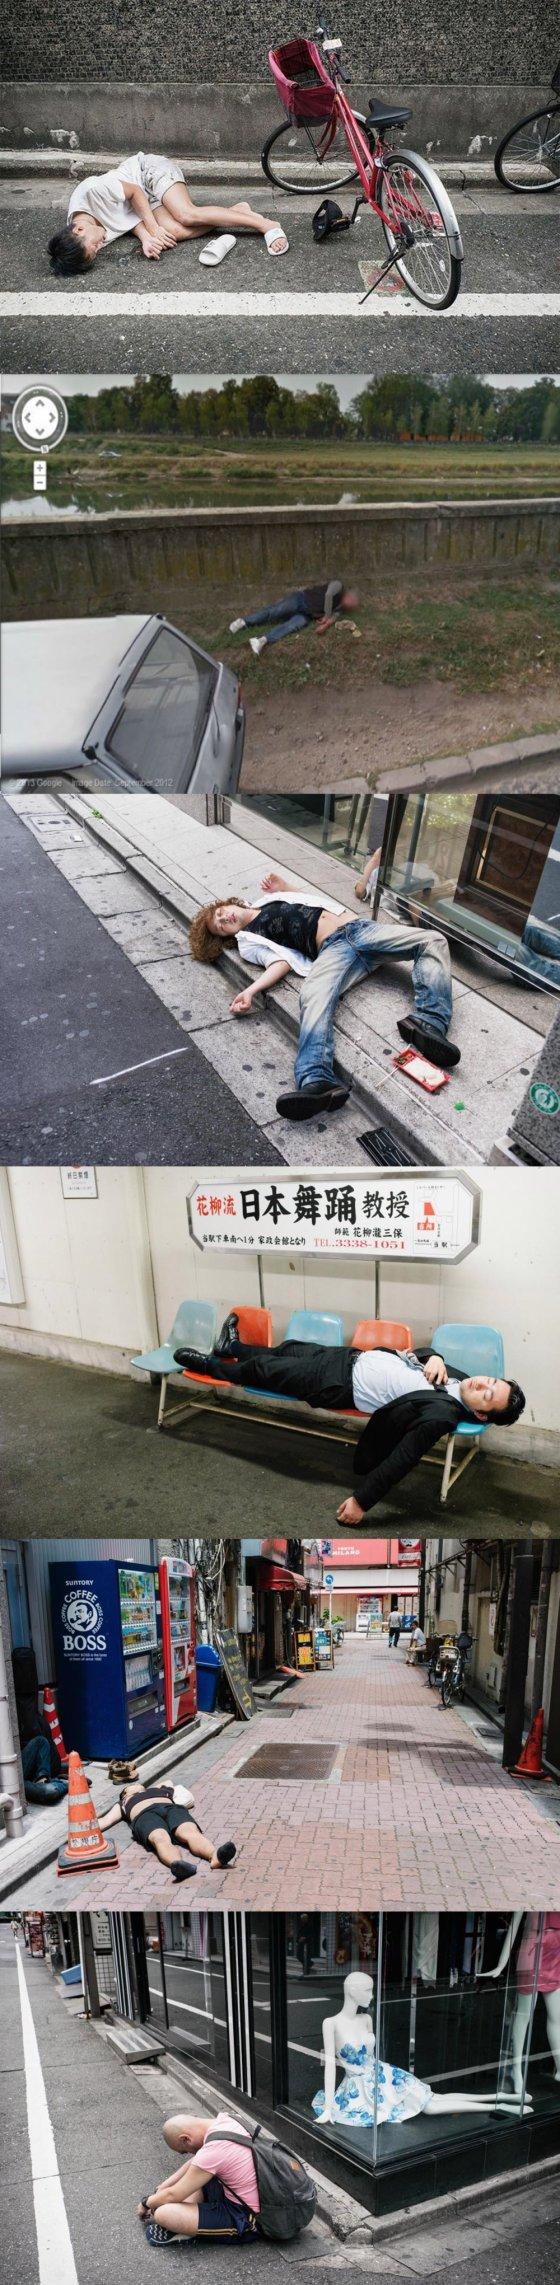 ჩემდა გასაკვირად, იაპონელებსაც ყვარებიათ გათიშვამდე დალევა